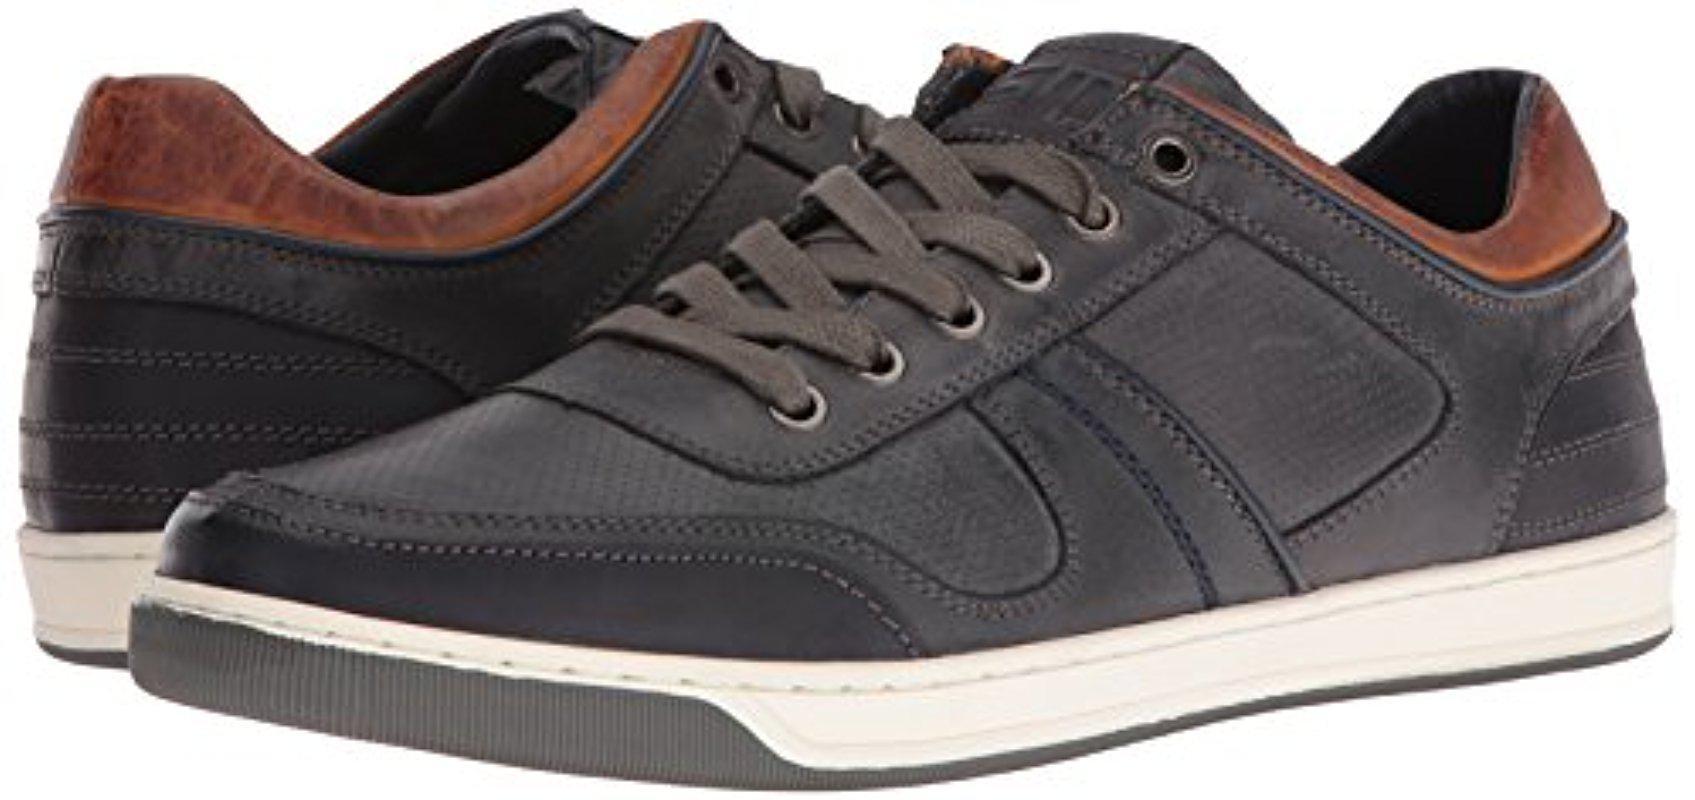 Steve Madden Cantor Fashion Sneaker